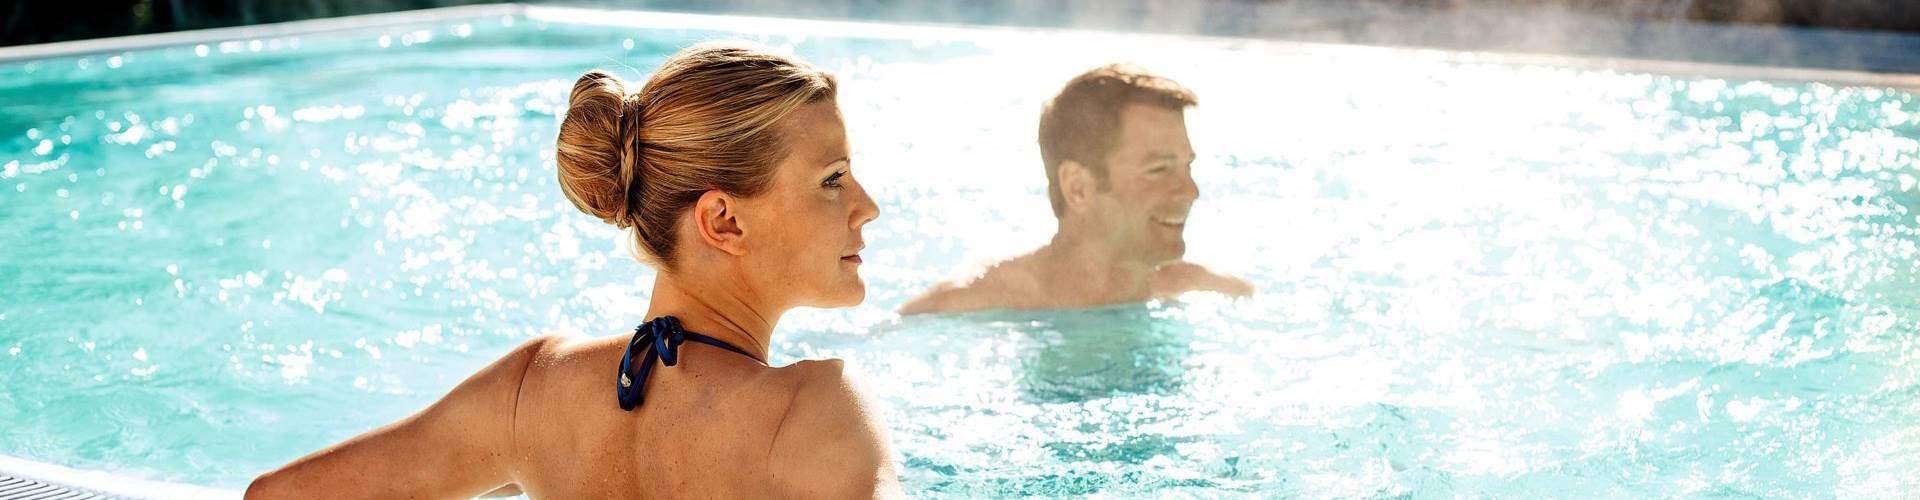 Paar in einem Thermalbad